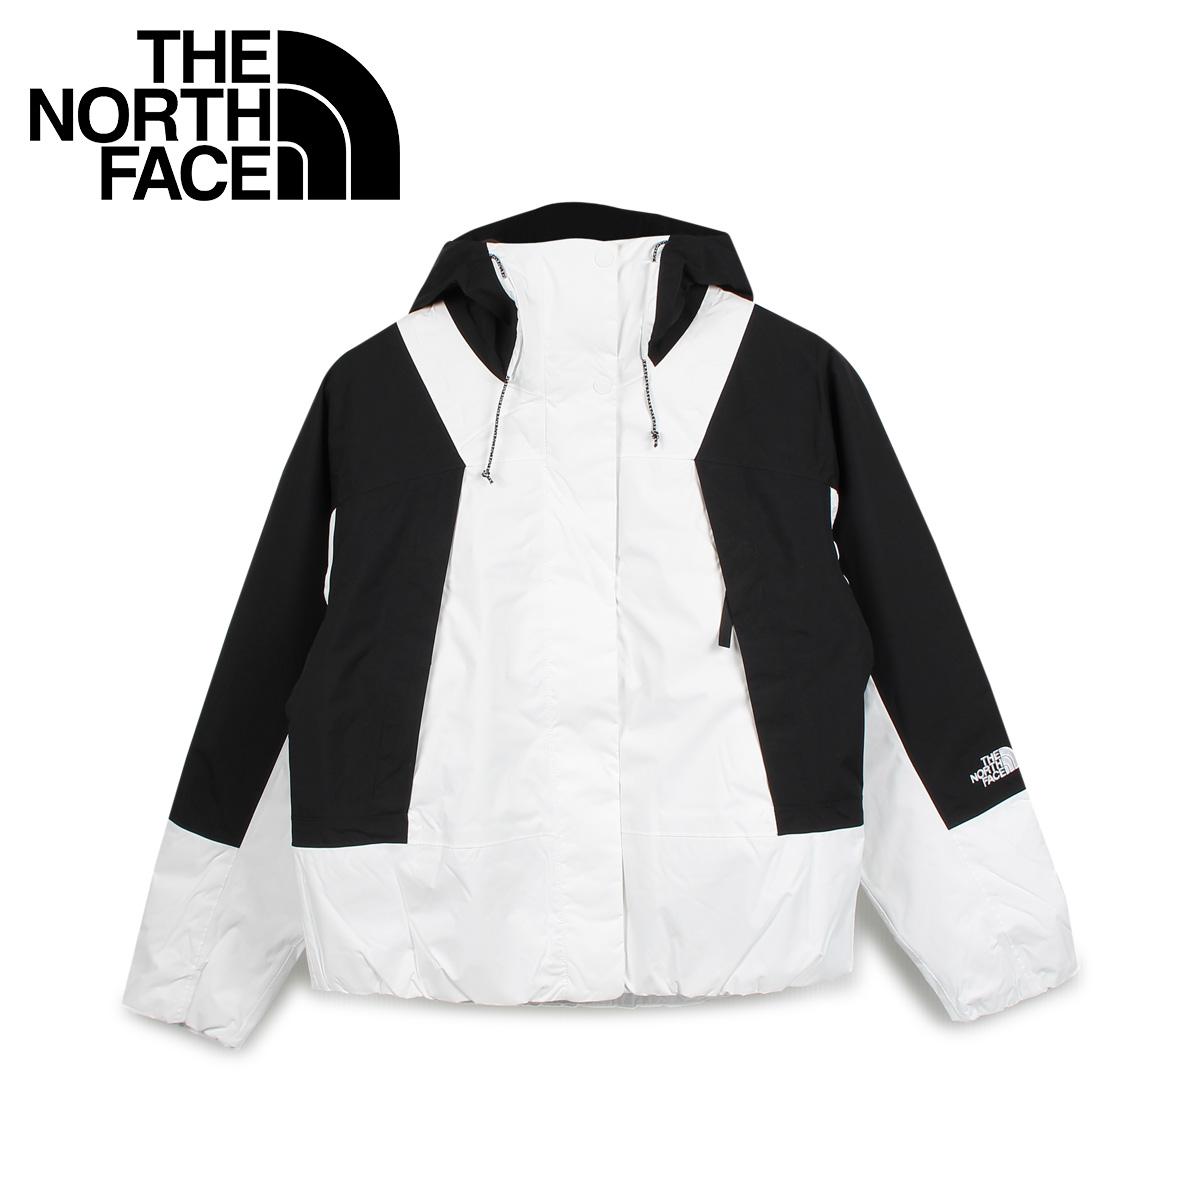 THE NORTH FACE ノースフェイス ジャケット マウンテンジャケット レディース WOMENS MOUNTAIN LIGHT DRYVENT JACKET ホワイト 白 T93Y12